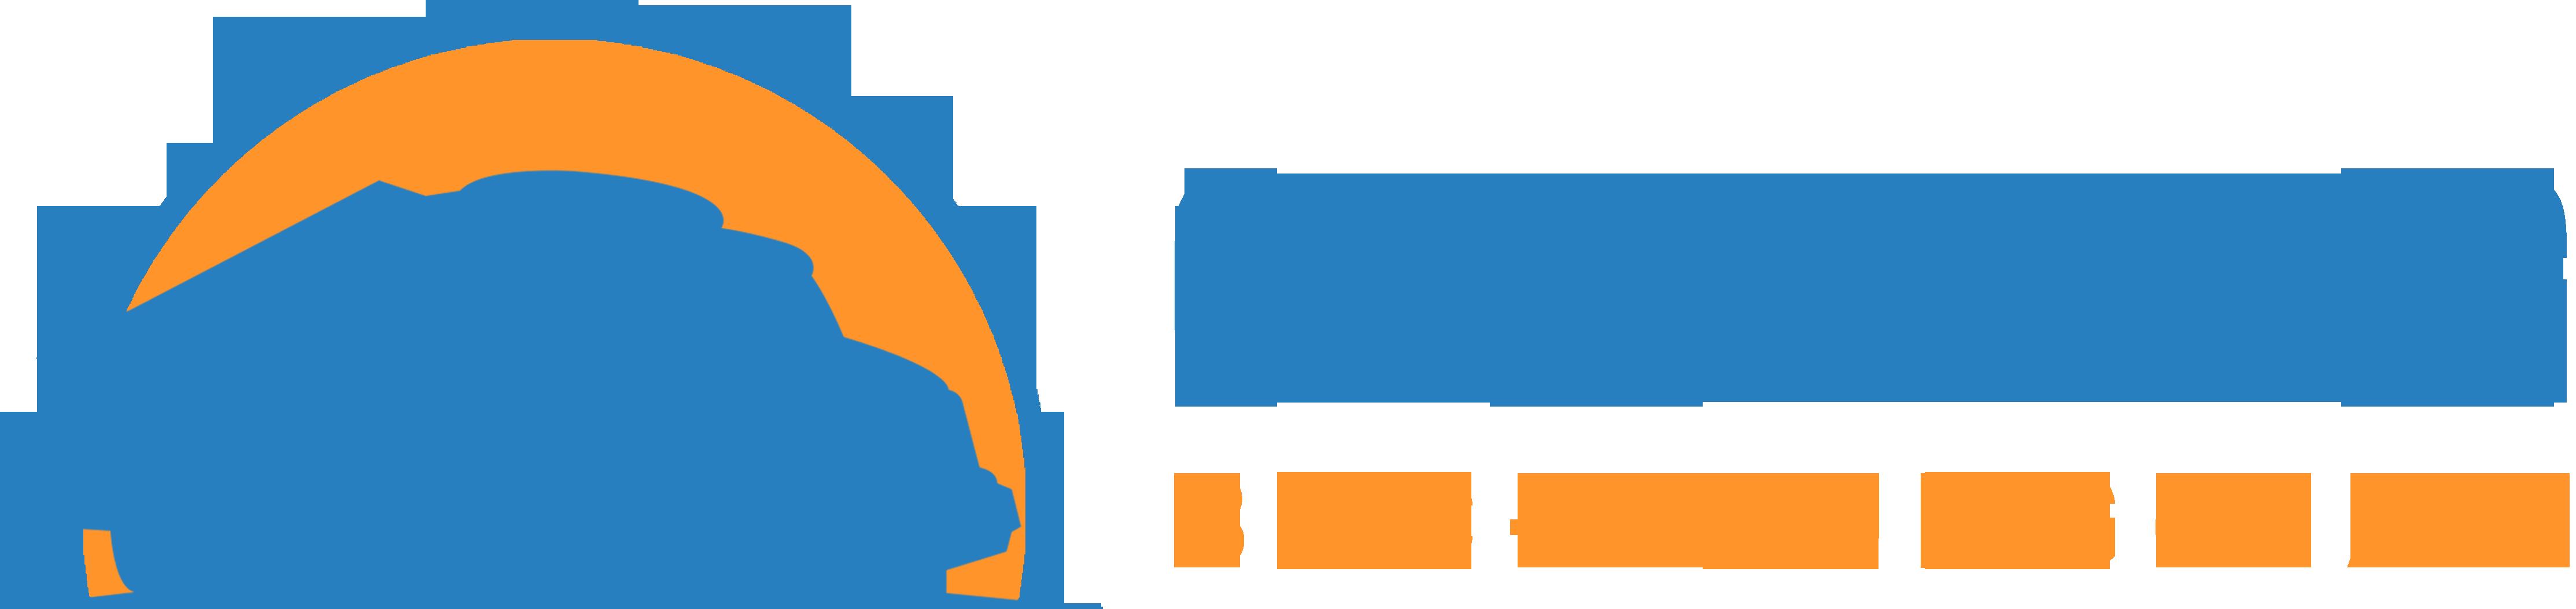 Chành Xe Hà Nội